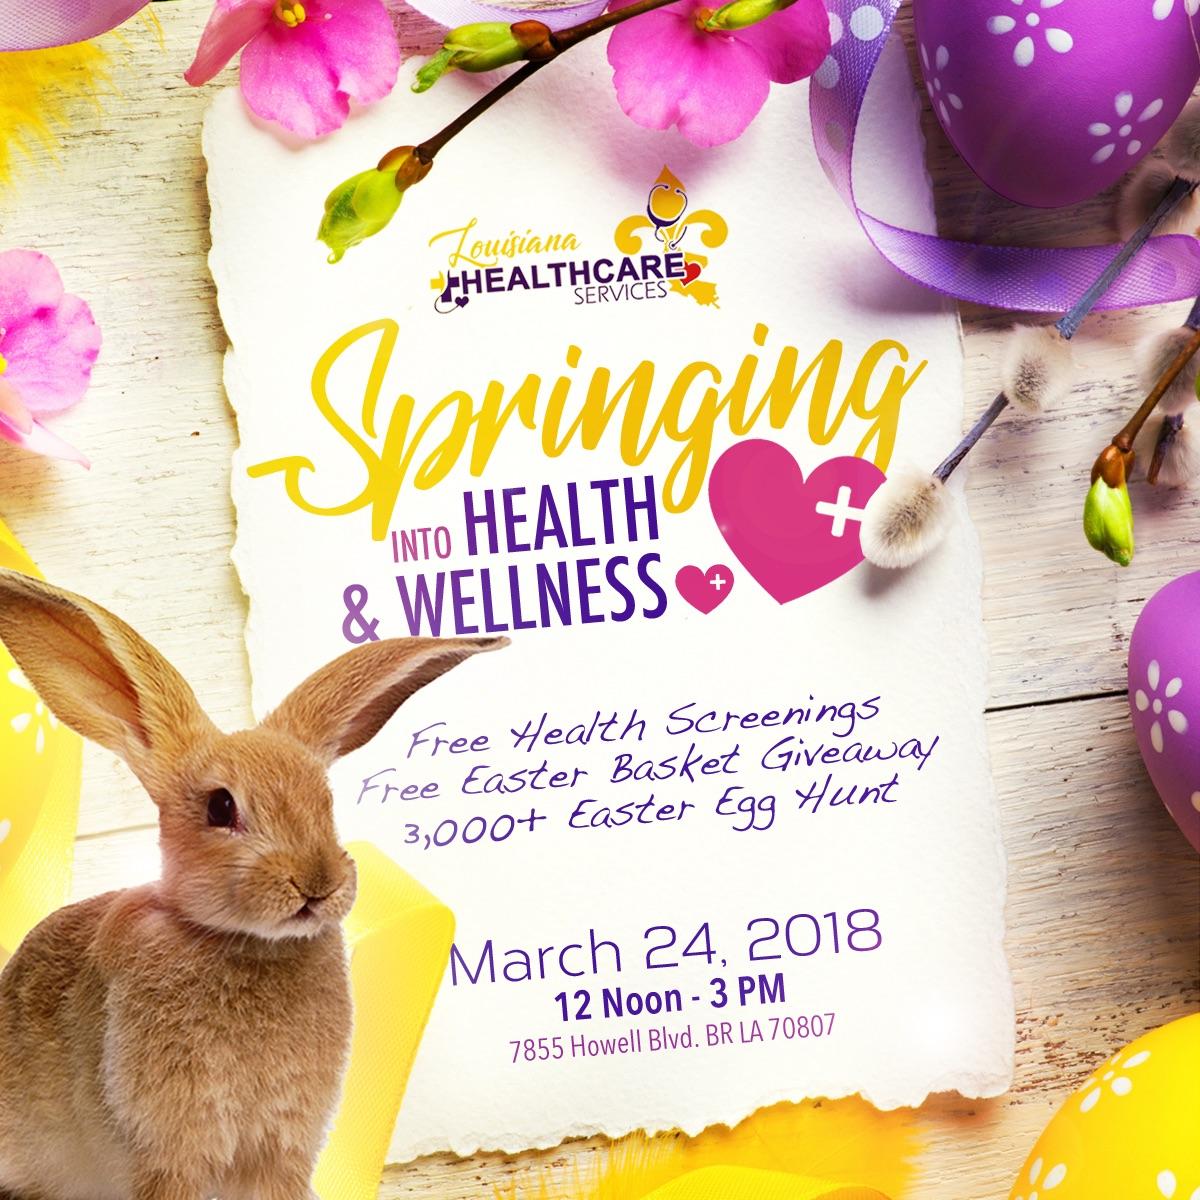 Community Easter Egg Hunt & Basket Giveaway    Saturday, March 24, 2018